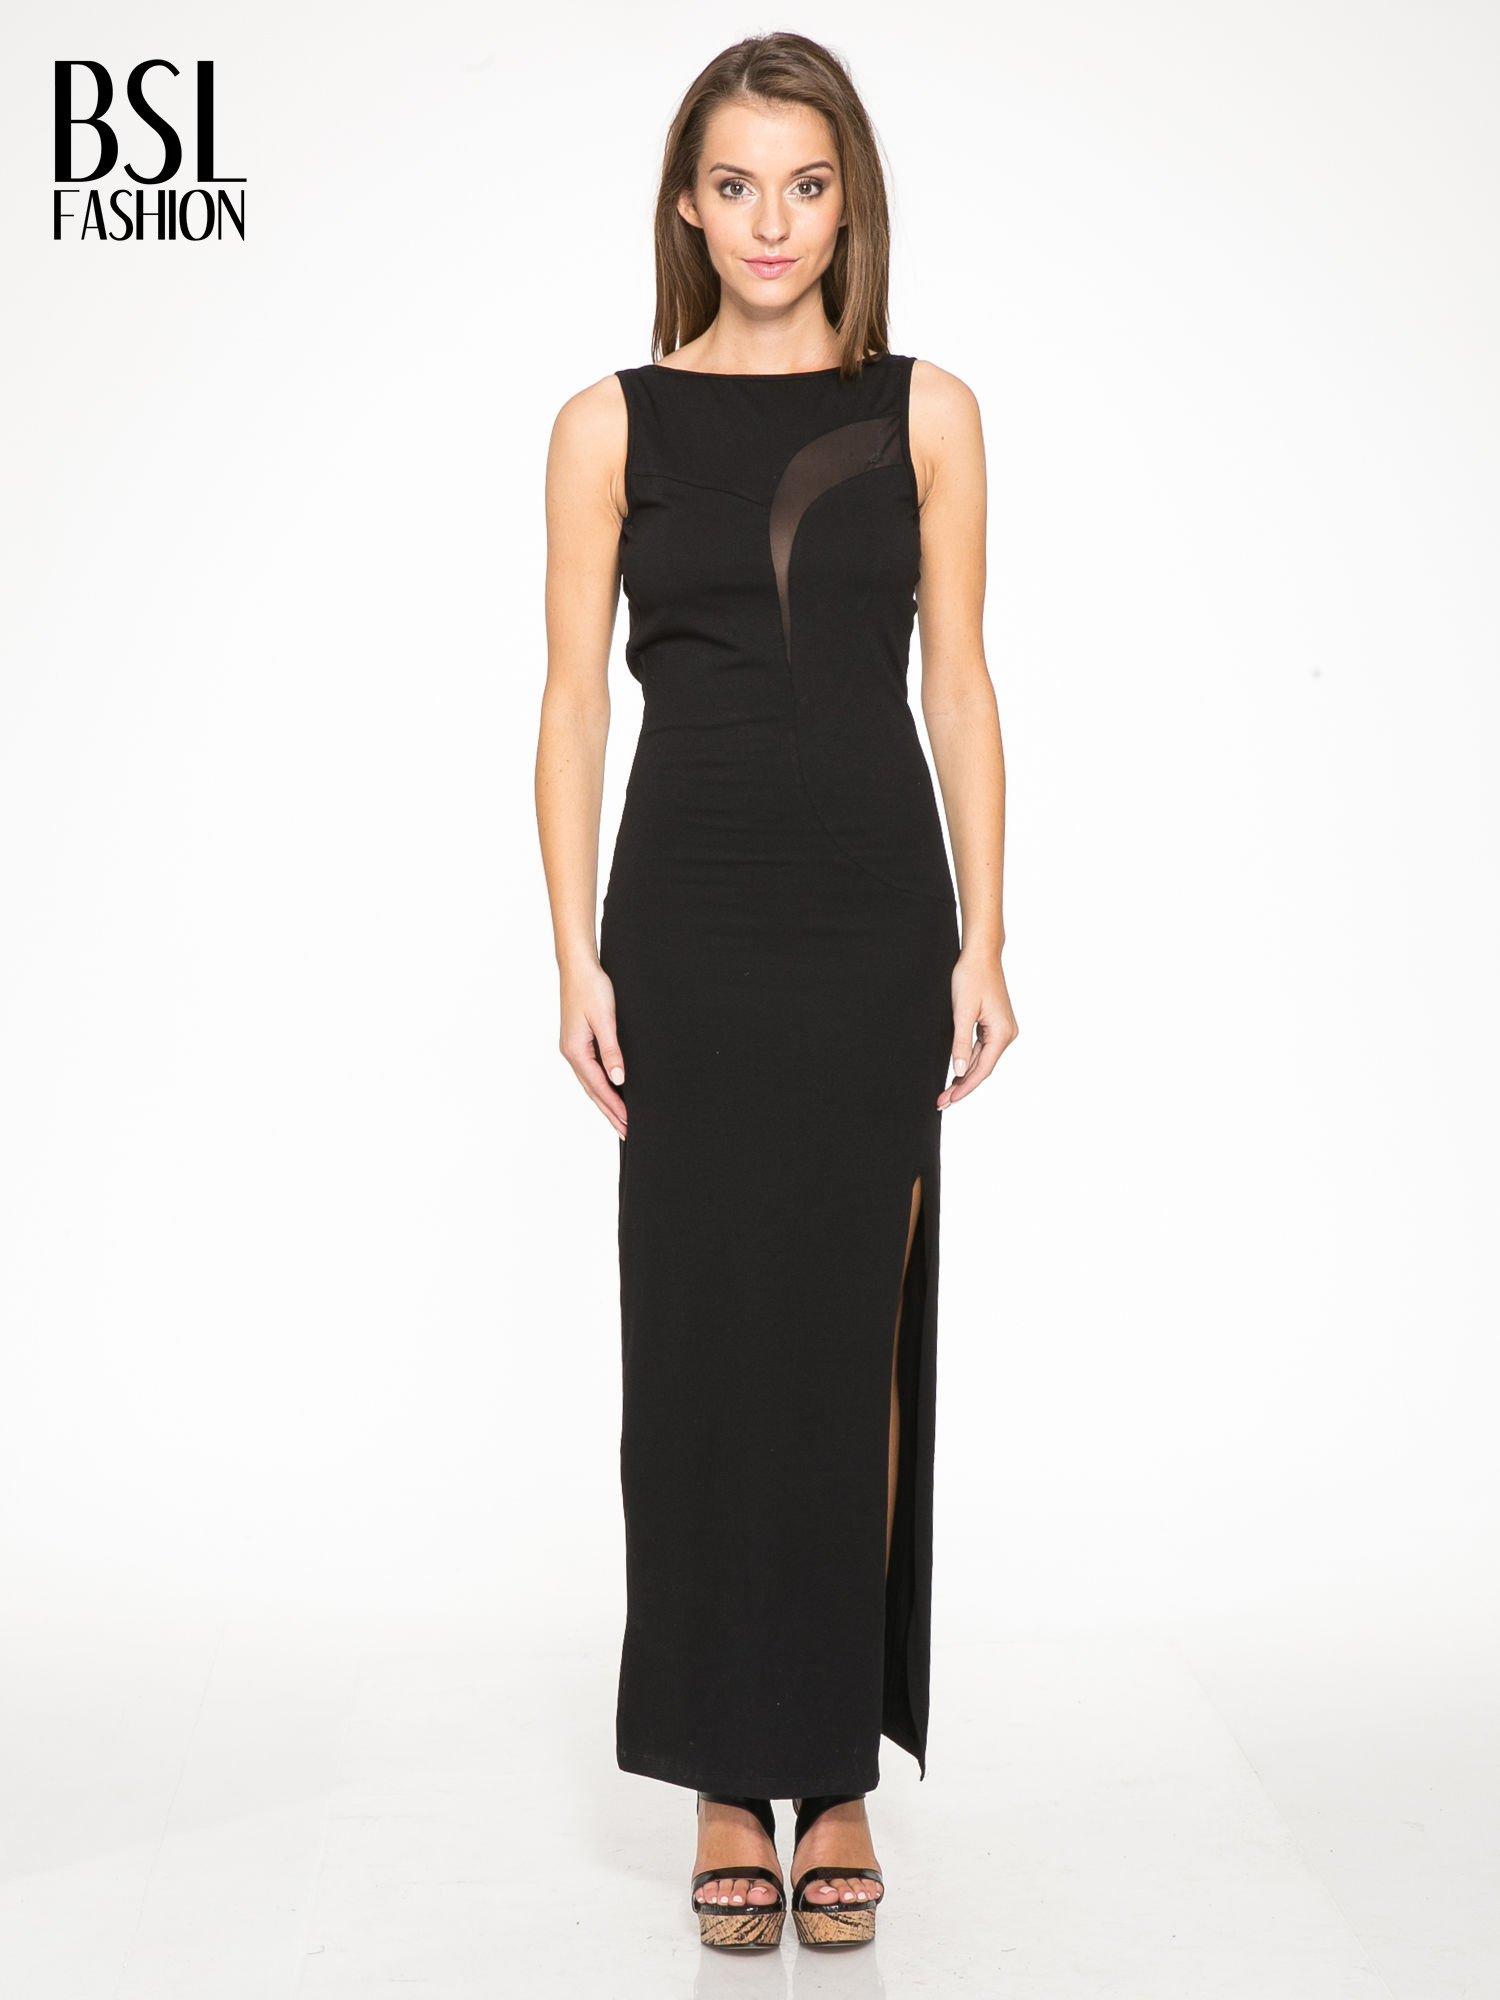 Czarna wieczorowa sukienka maxi z transparentną wstawką i dekoltem a plecach                                  zdj.                                  1